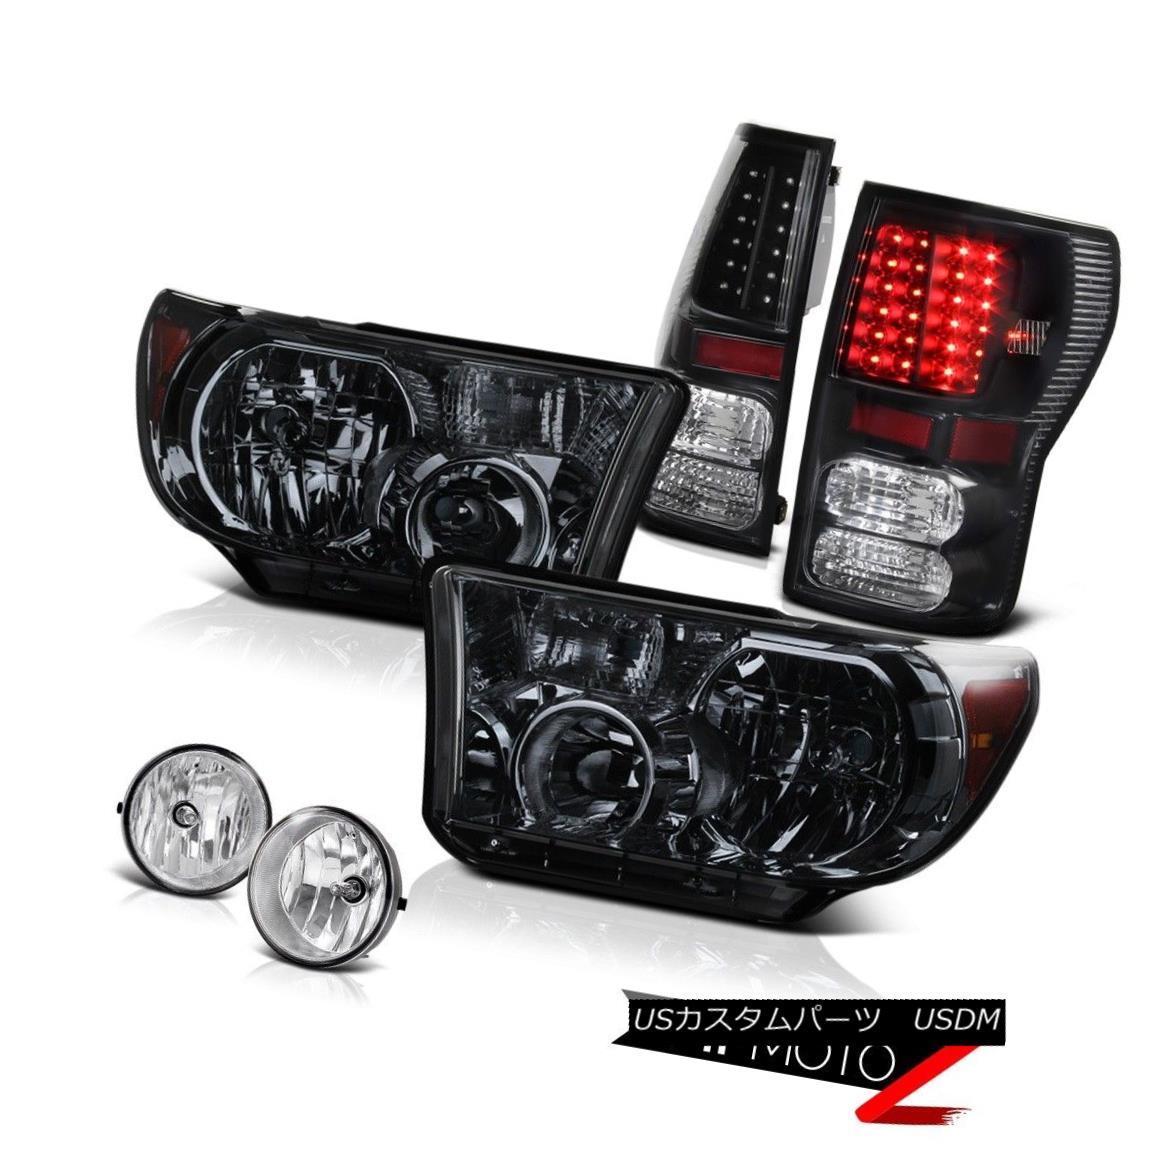 ヘッドライト Smoke Tinted Diamond Headlight+Led Tail Light+Fog Lamp 07-2013 Toyota Tundra 煙がかったダイヤモンドヘッドライト+ Ledテールライト+フォグランプ07-2013 Toyota Tundra